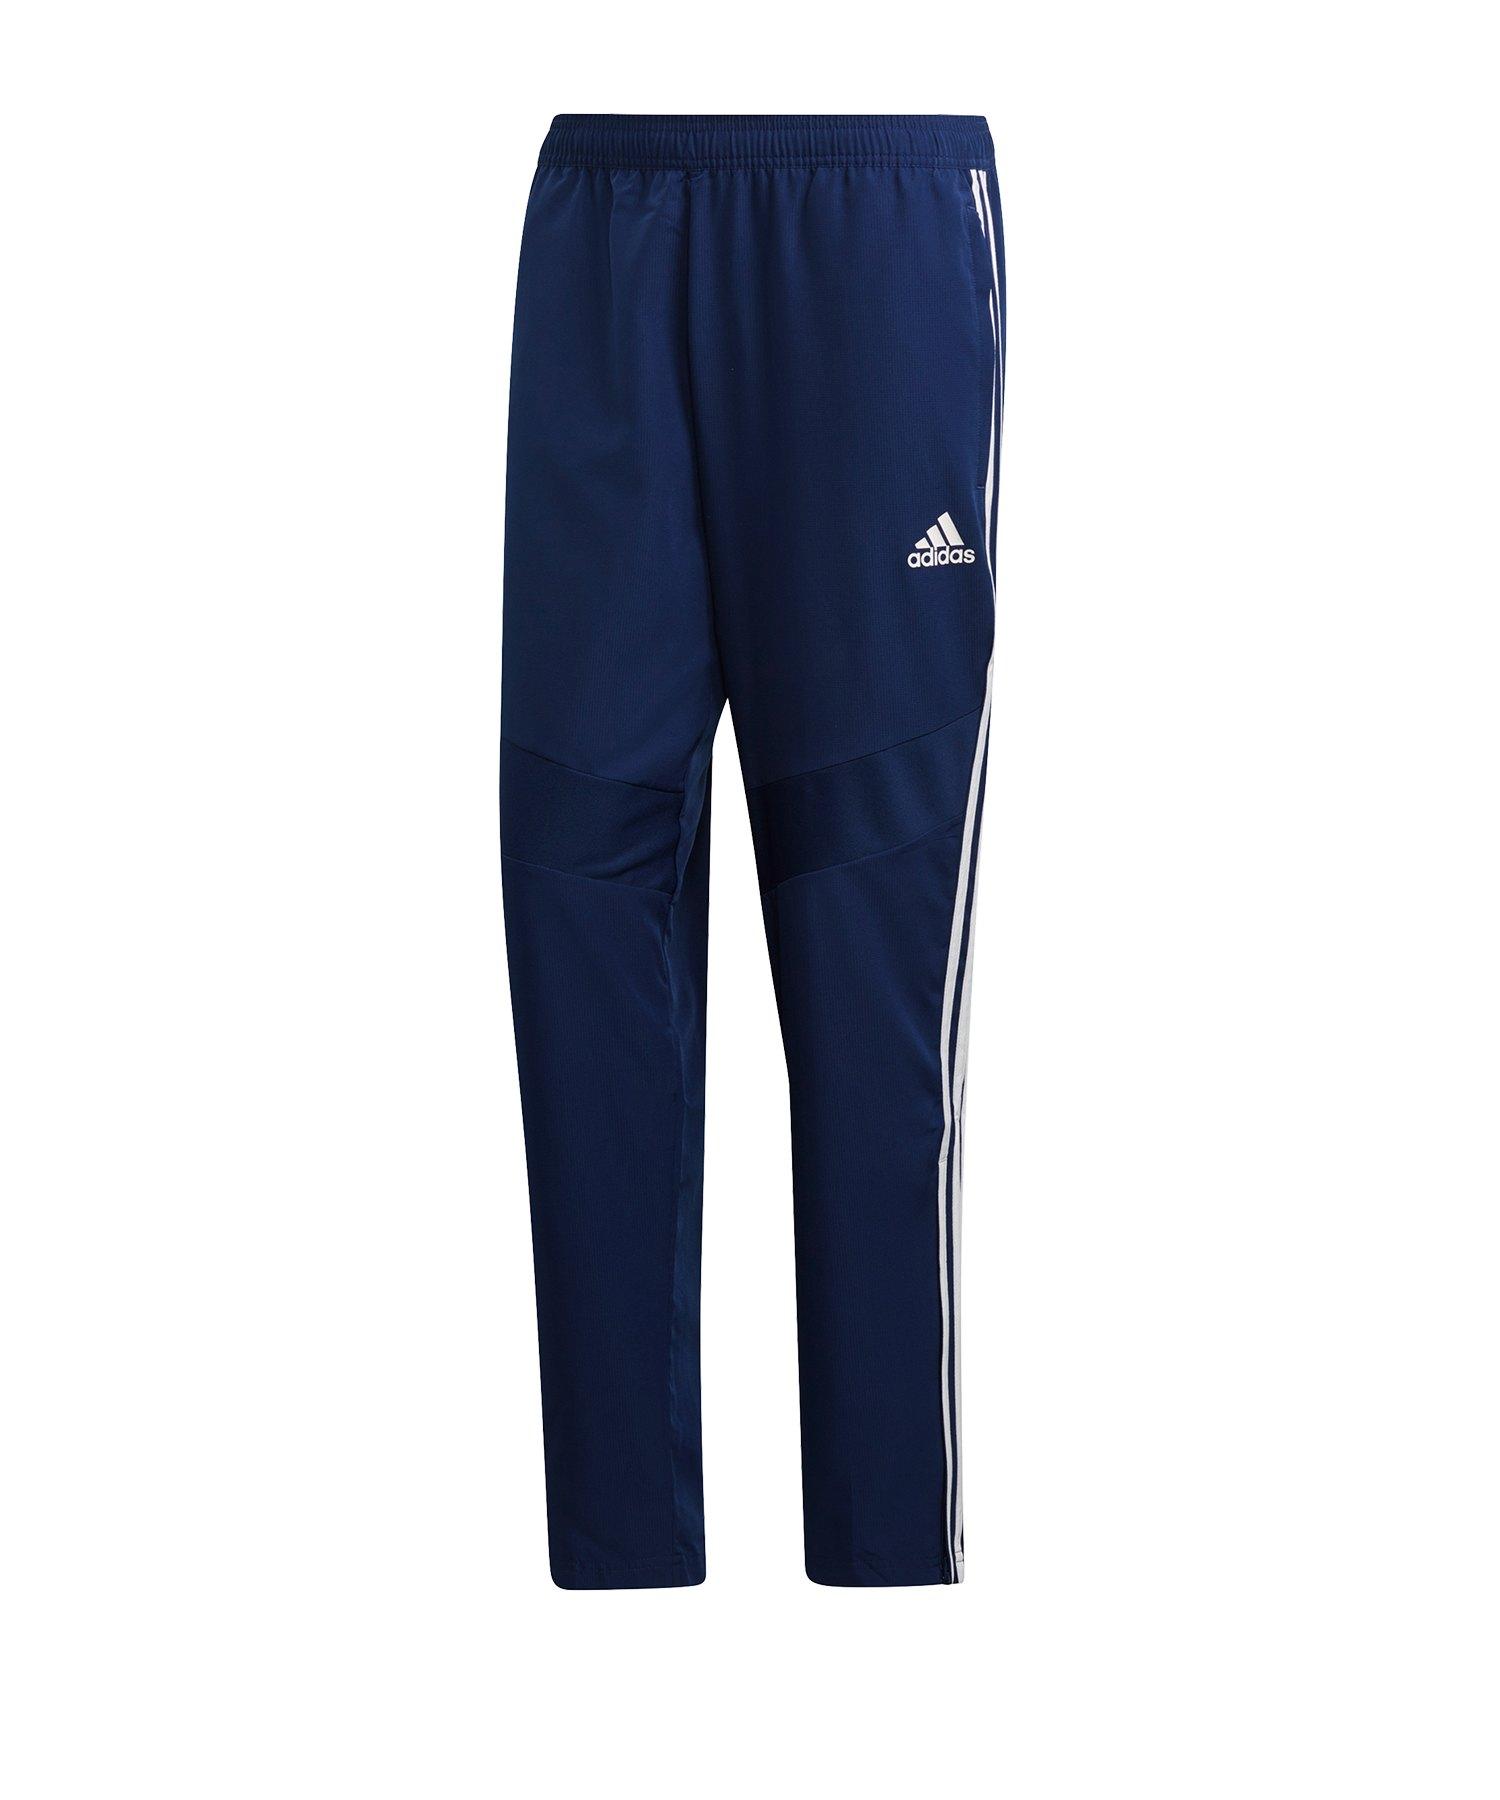 adidas Tiro 19 Woven Pant Dunkelblau Weiss - blau